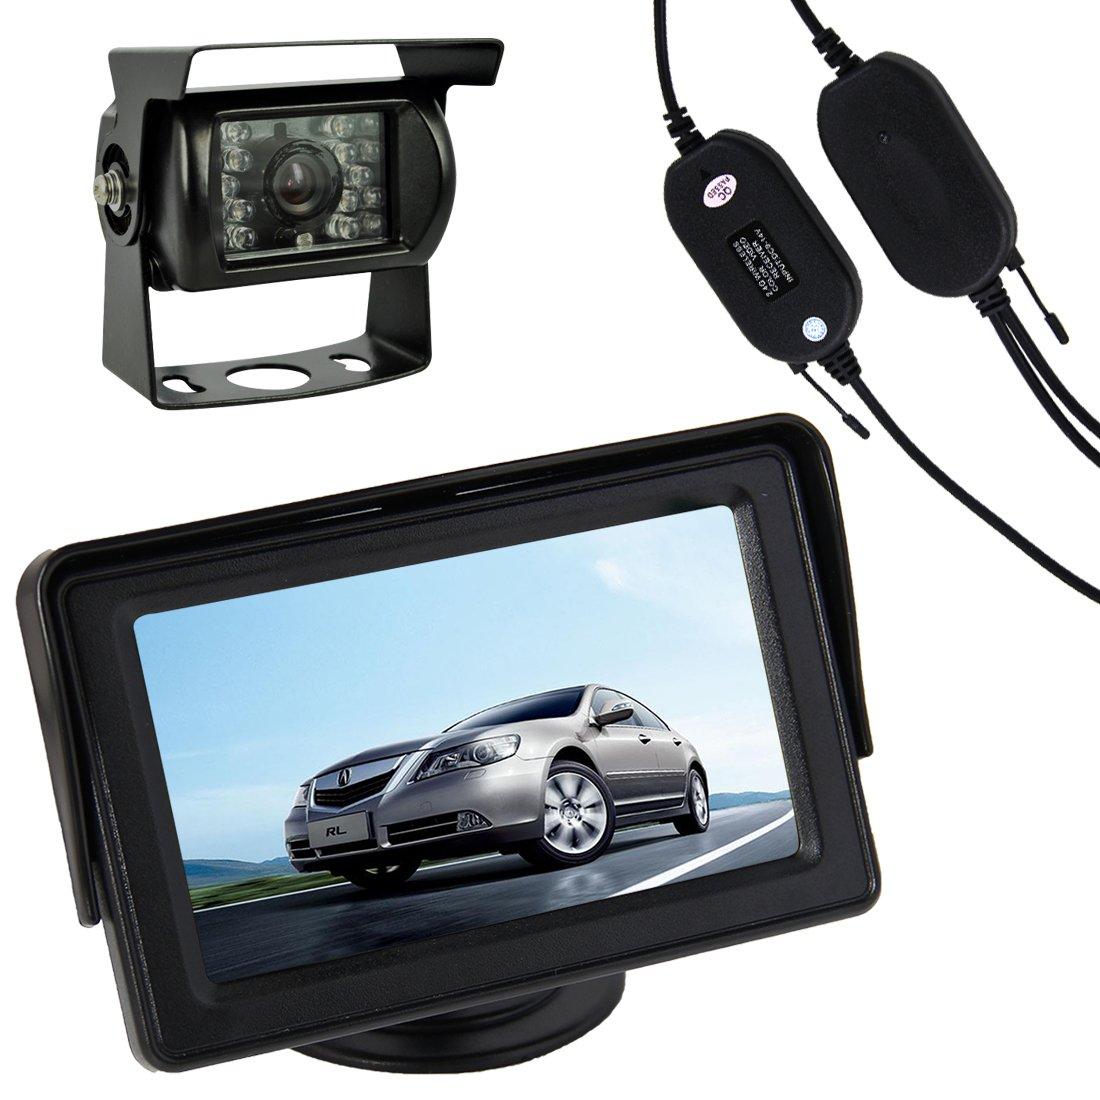 Buyee Auto Farb R/ückfahrkamera 18 IR Leds 120/° f/ür R/ückfahrsystem TFT Monitor